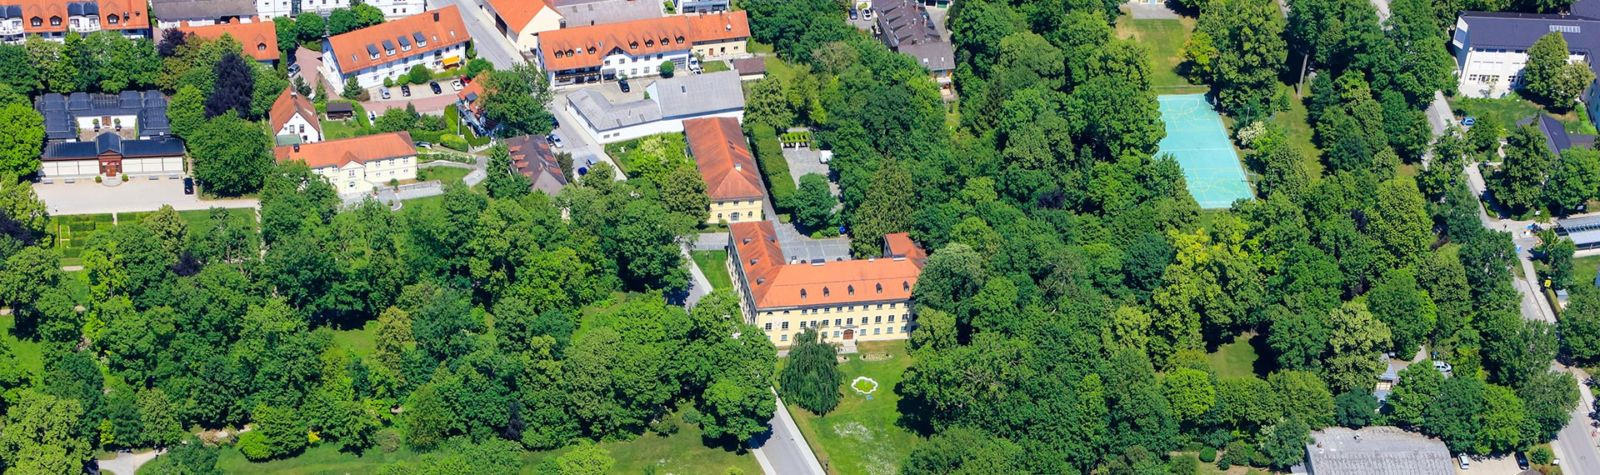 Banner Gemeinde & Rathaus: Ismaning von oben